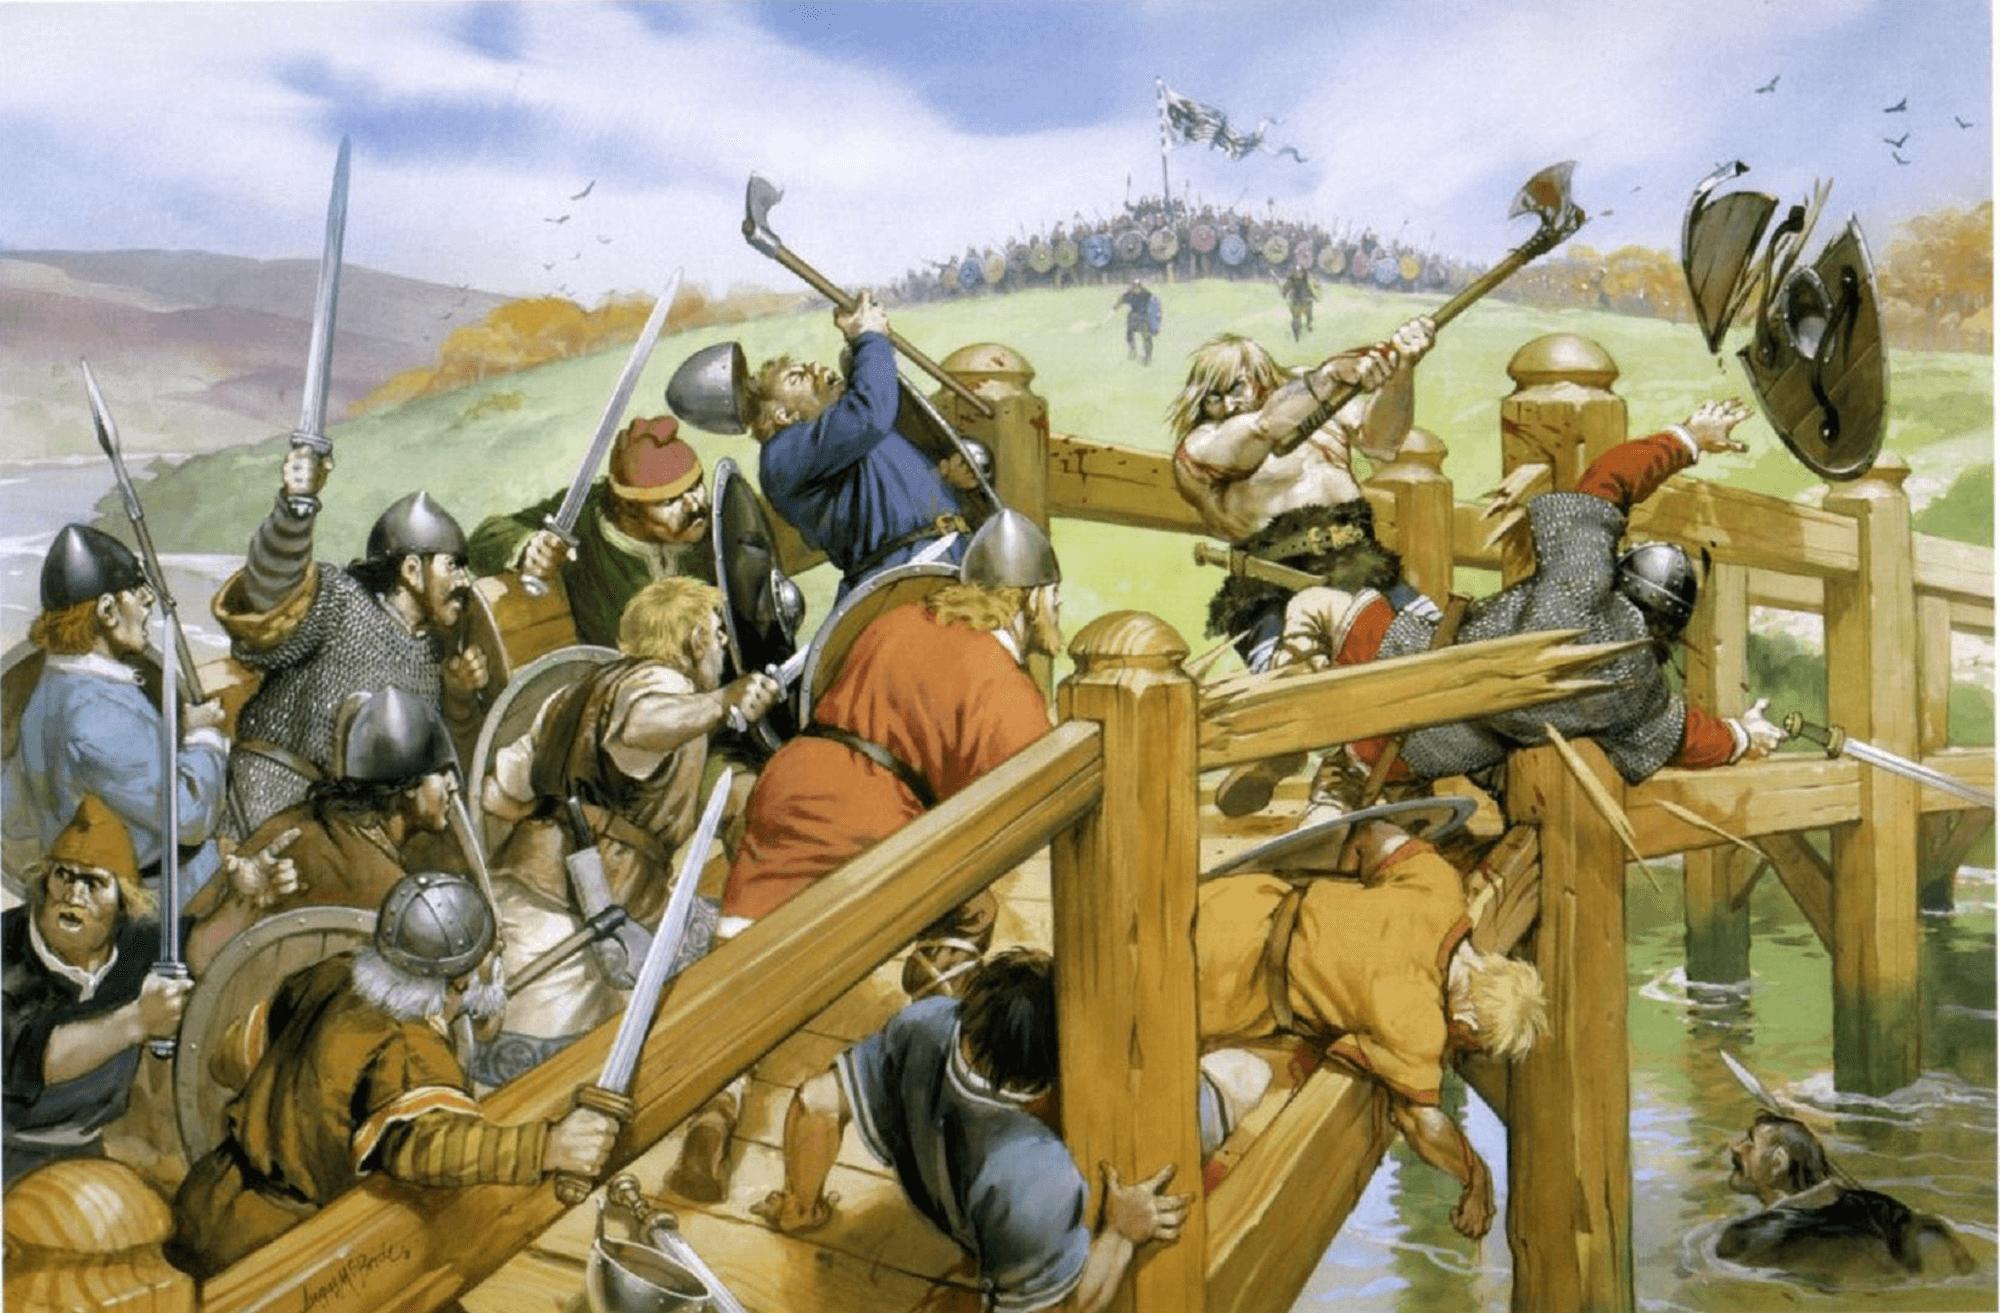 Batalla de Stamford Bridge: Lucha en el puente. Autor Angus McBride para Osprey